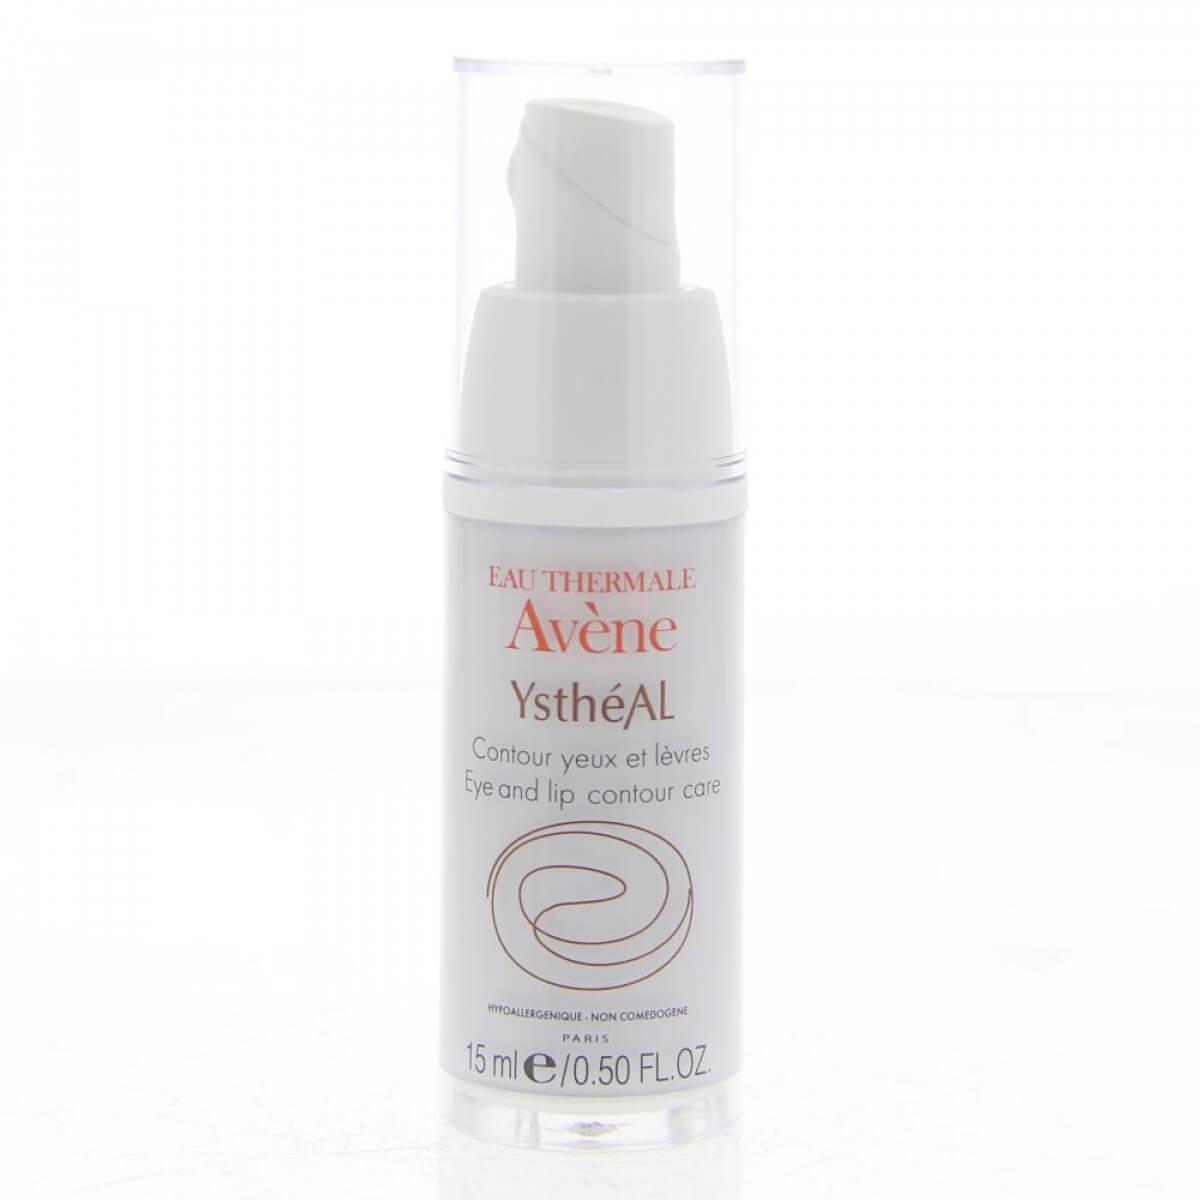 Avene Ystheal Yeux & Lips Κρέμα Ματιών & Χειλιών Ολικής Αντιγήρανσης 15ml